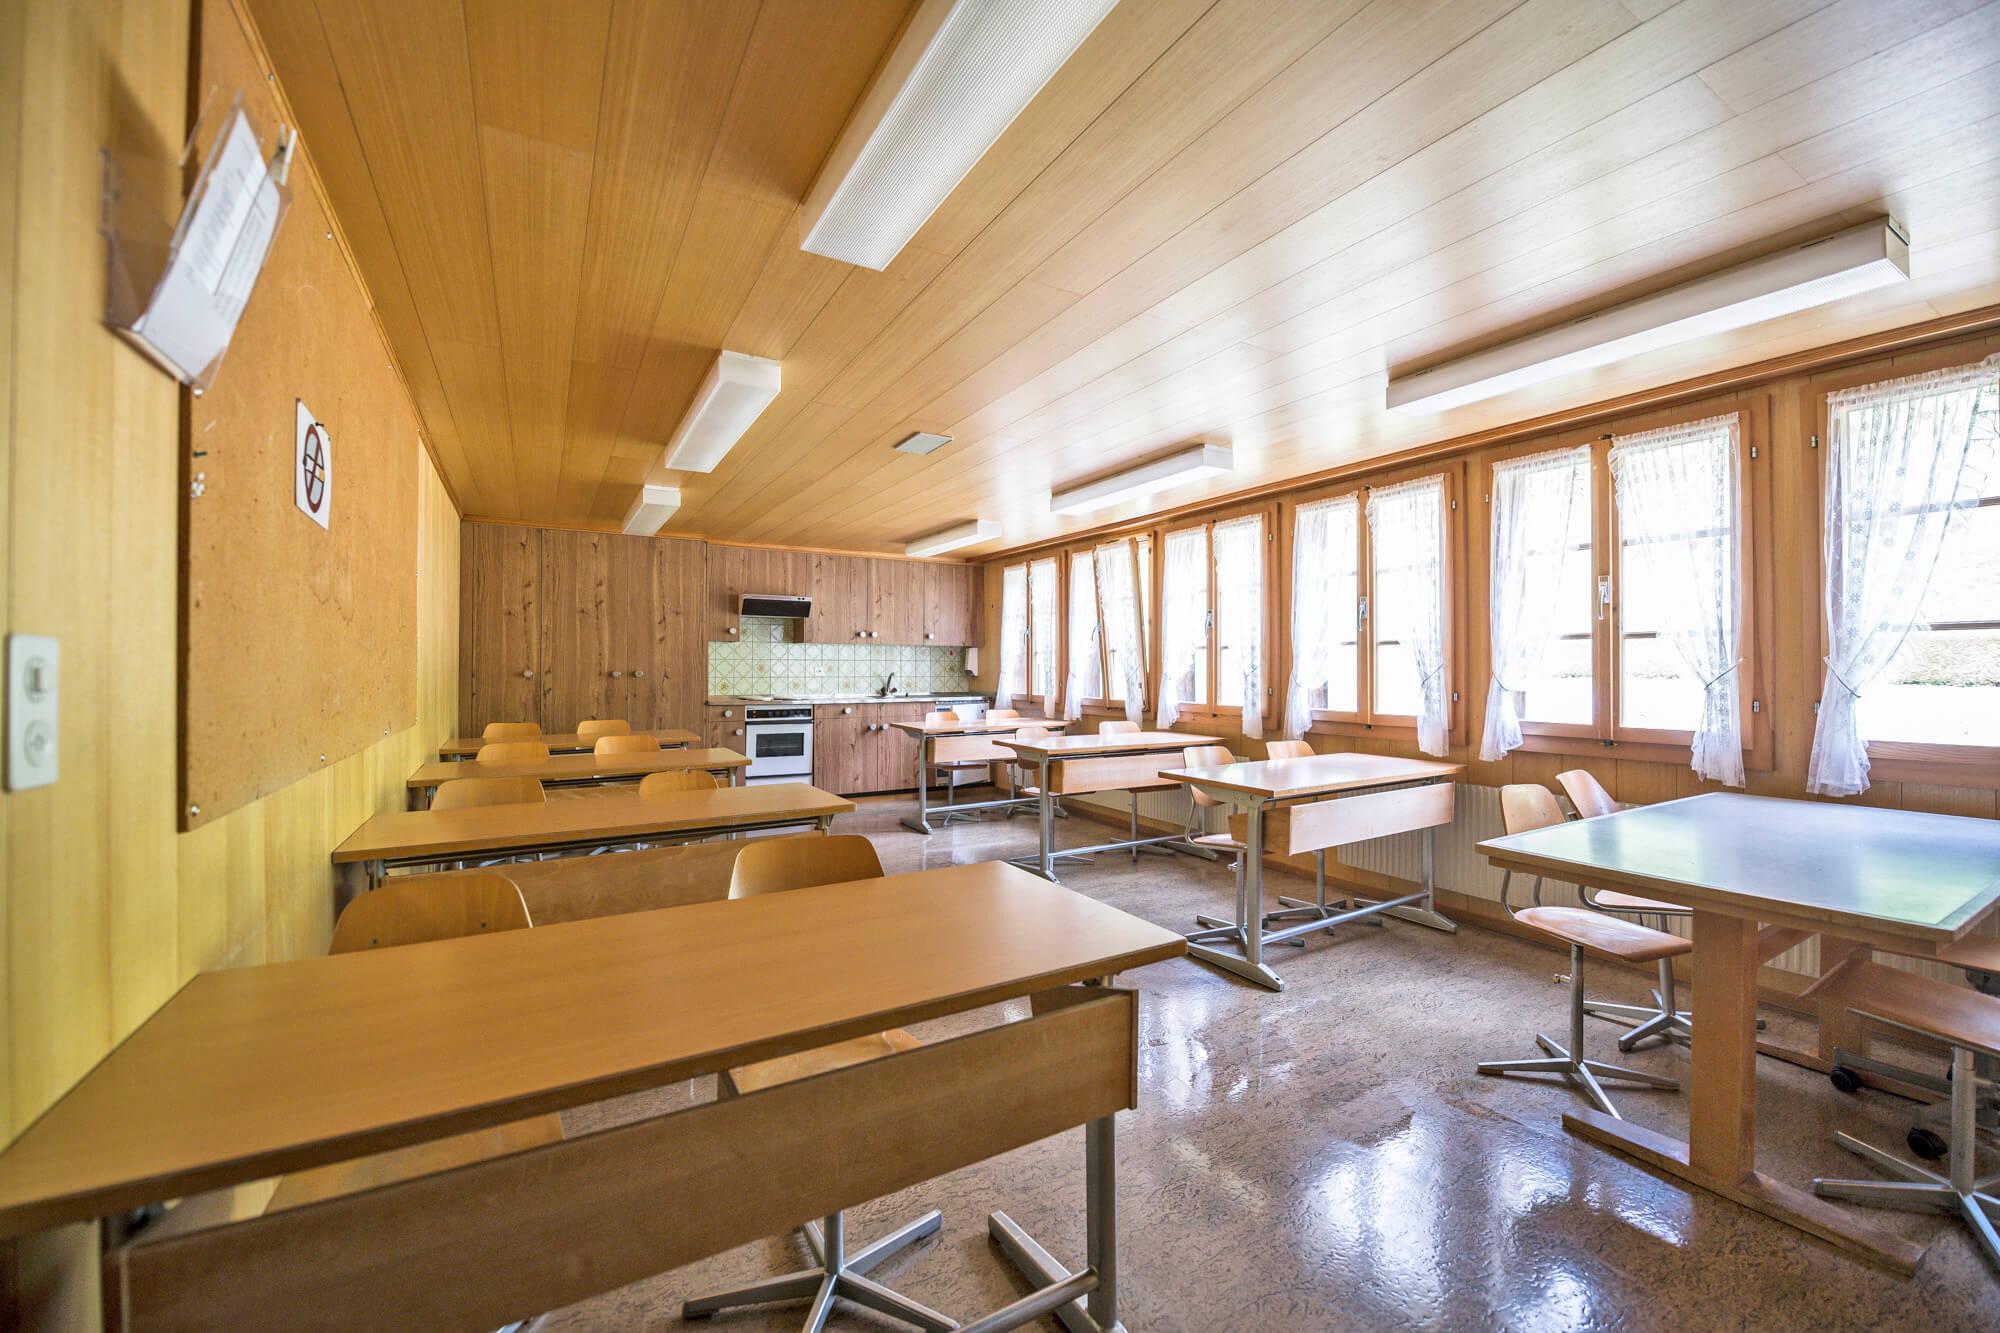 Grosszügige und helle Räume für verschiedene Anlässe